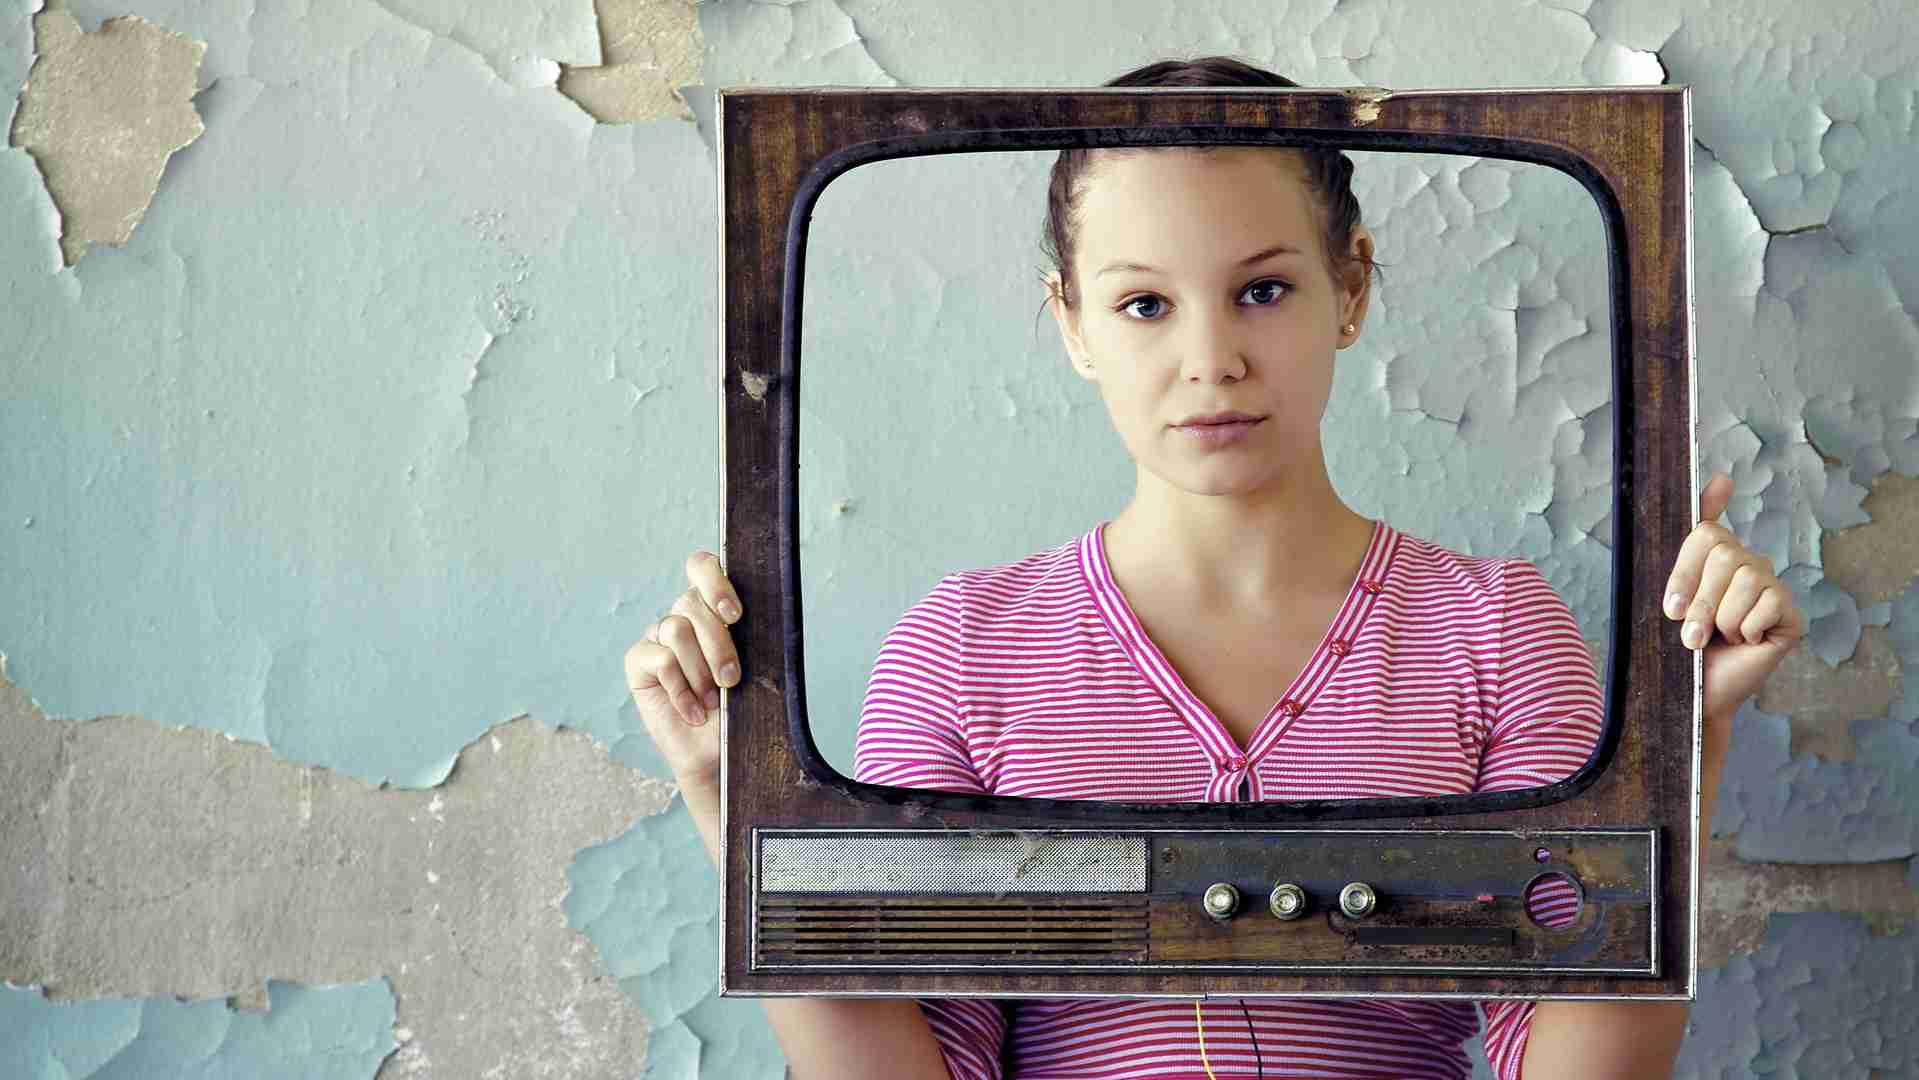 表現の自由、表現される不自由、そして表現による自由(韓東賢) - 個人 - Yahoo!ニュース